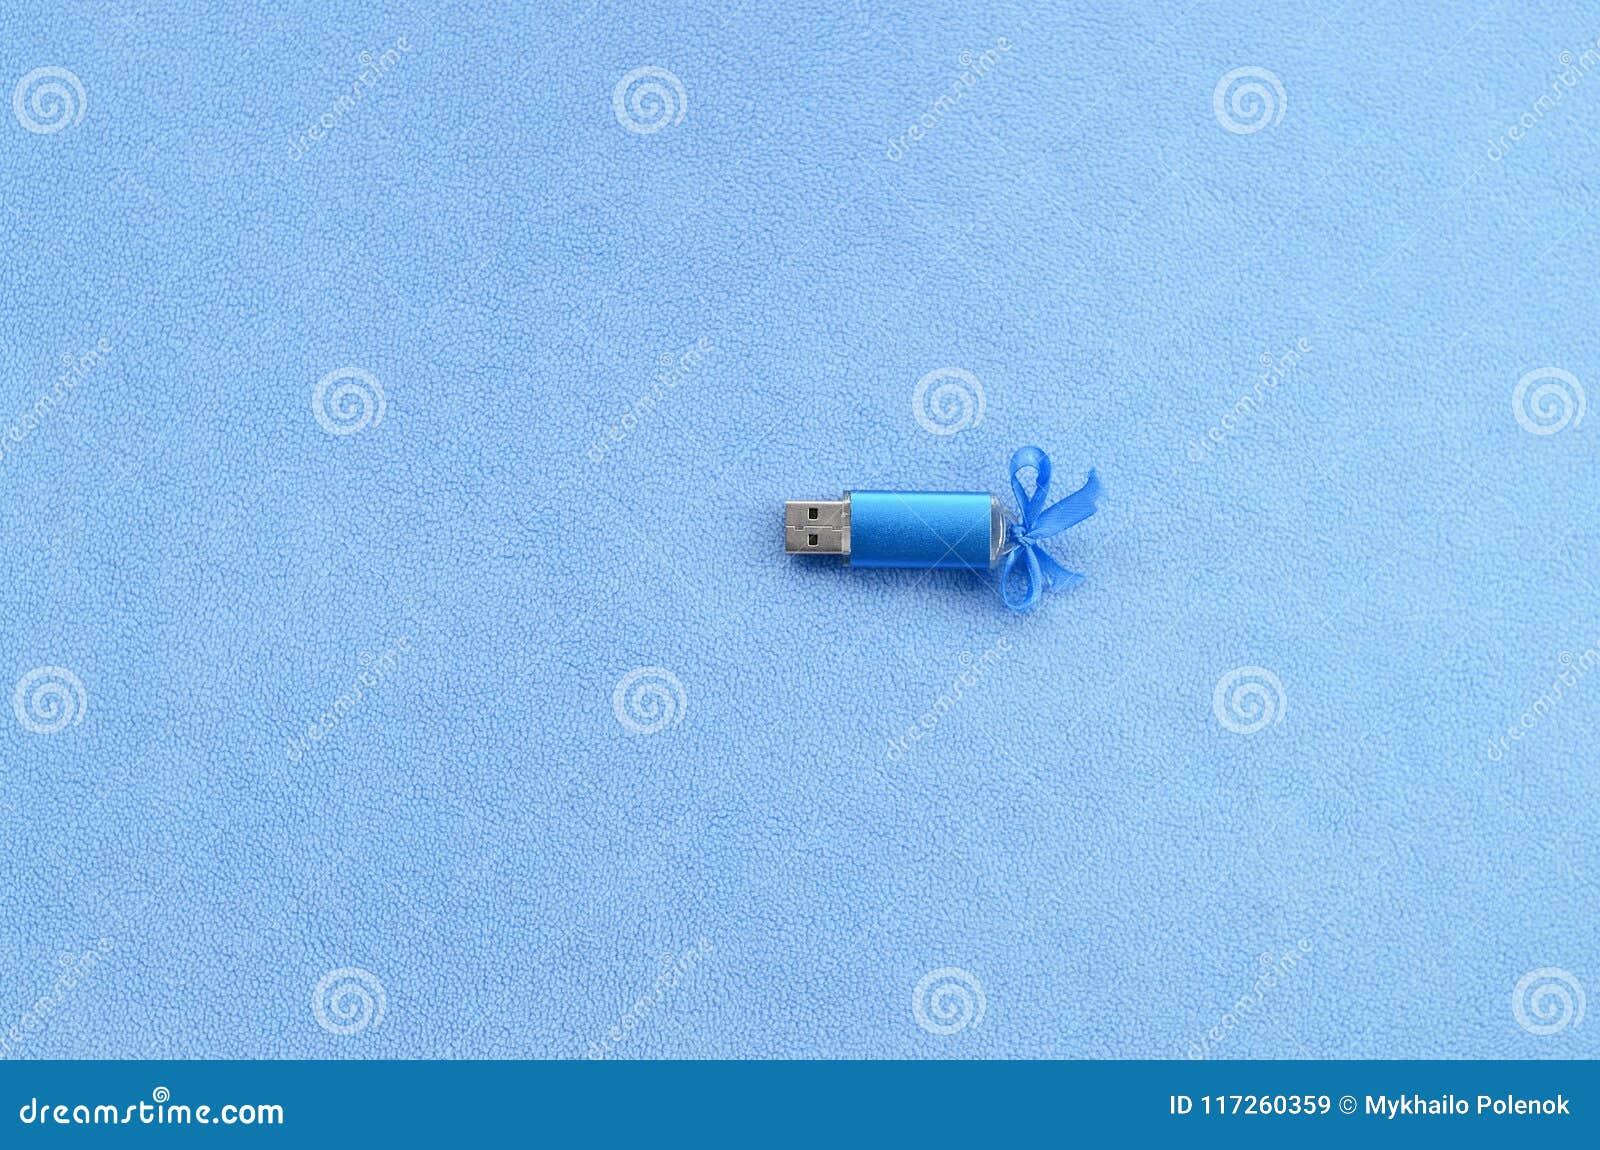 Η λαμπρή μπλε κάρτα αστραπιαίας σκέψης usb με ένα μπλε τόξο βρίσκεται σε ένα κάλυμμα του μαλακού και γούνινου ανοικτό μπλε υφάσμα